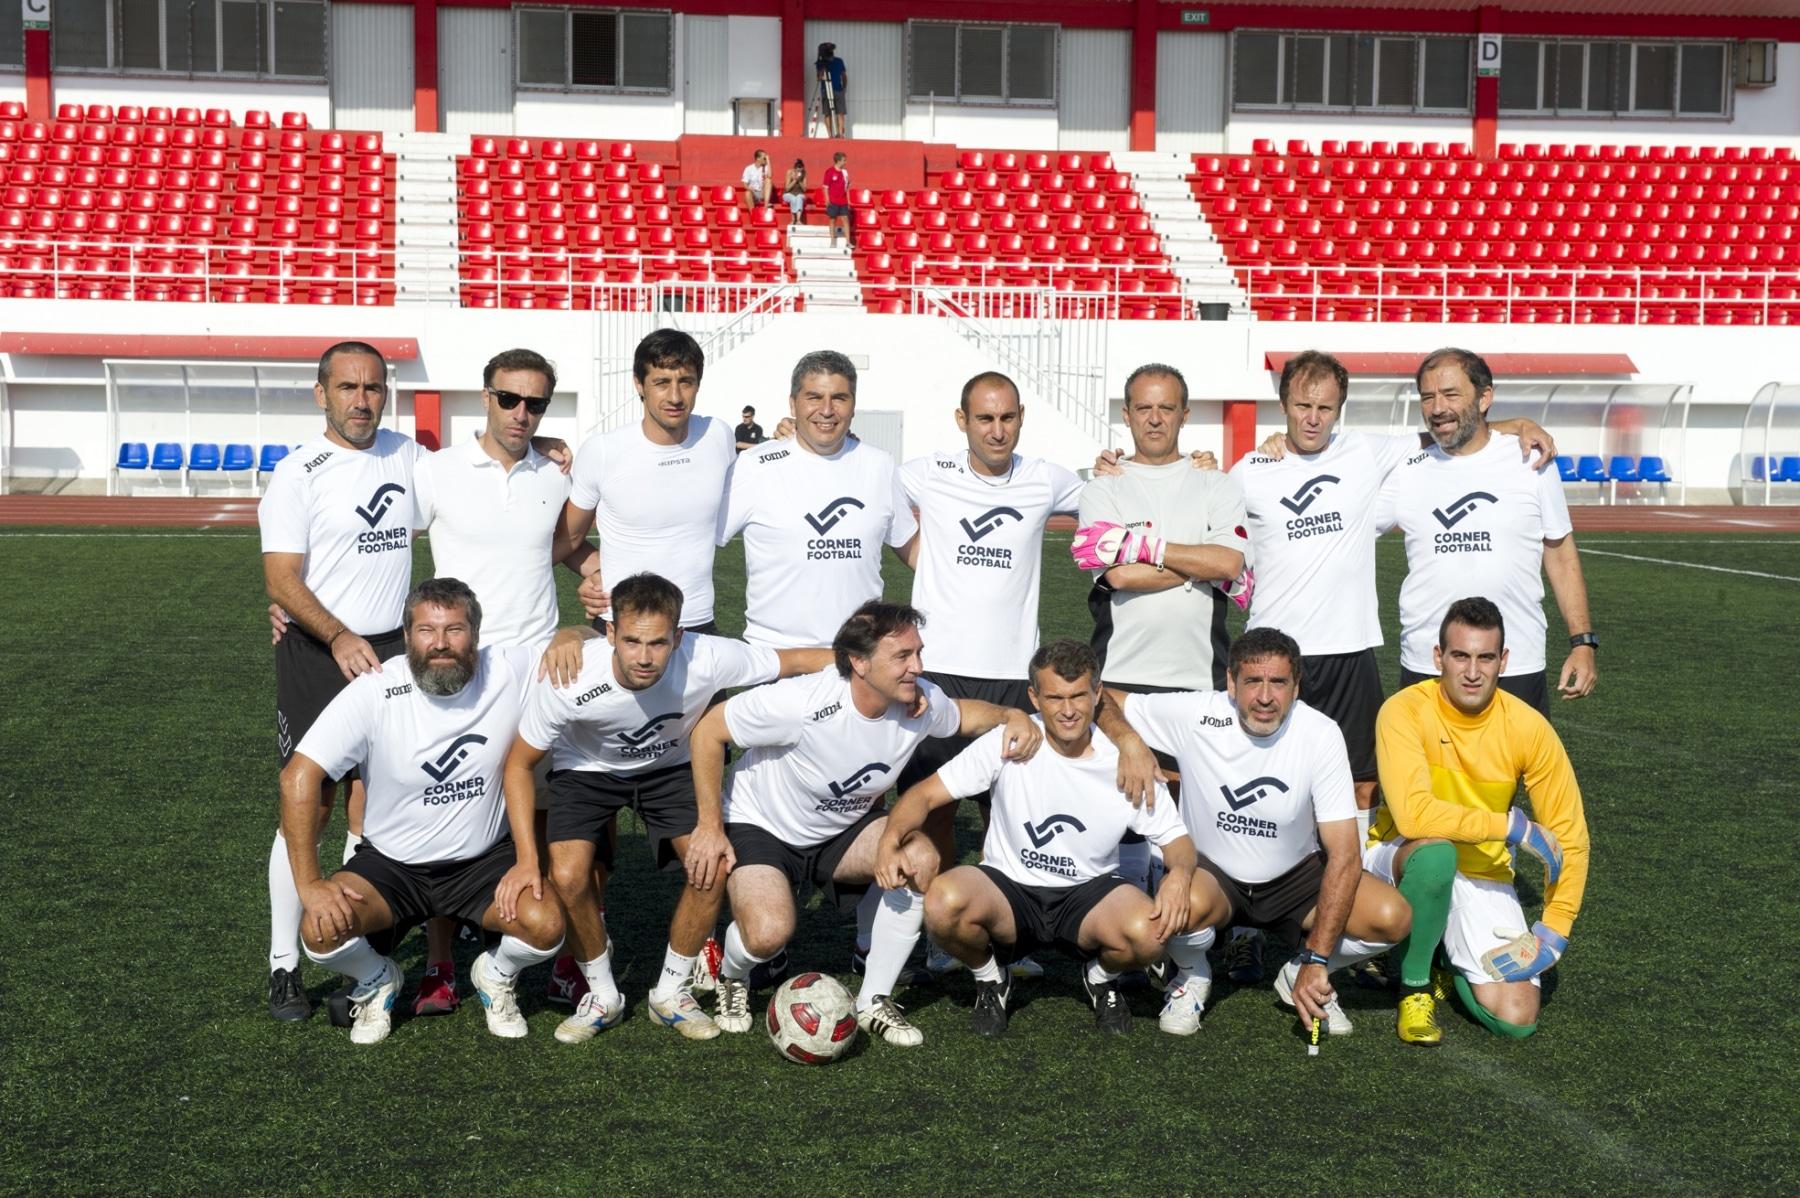 26-julio-2014-partido-prensa-cdiz-veteranos-de-gibraltar-01_14755670885_o